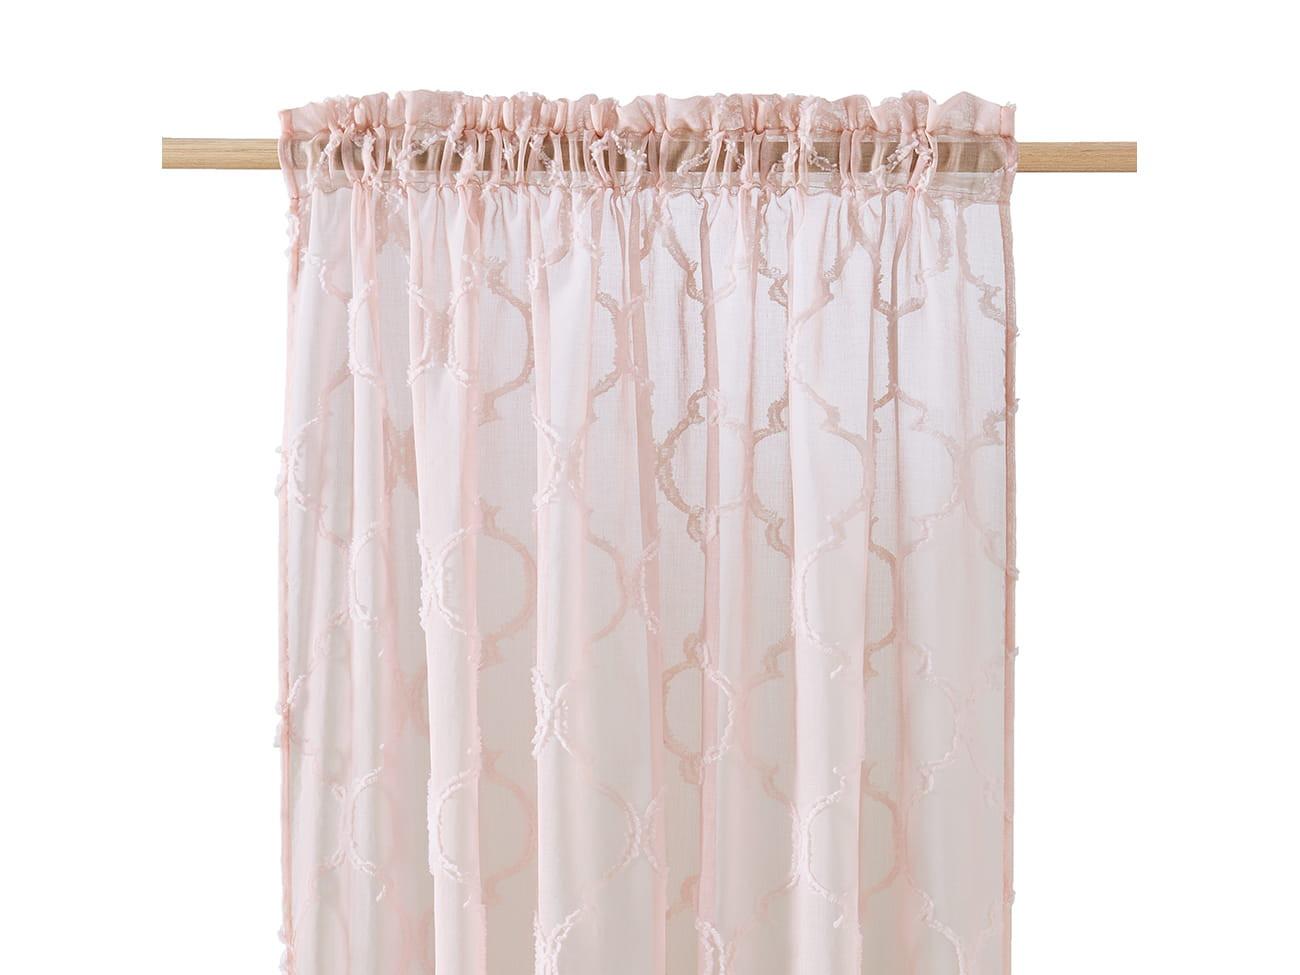 Originální záclona v pudrové barvě do obývacího pokoje 140 x 250 cm